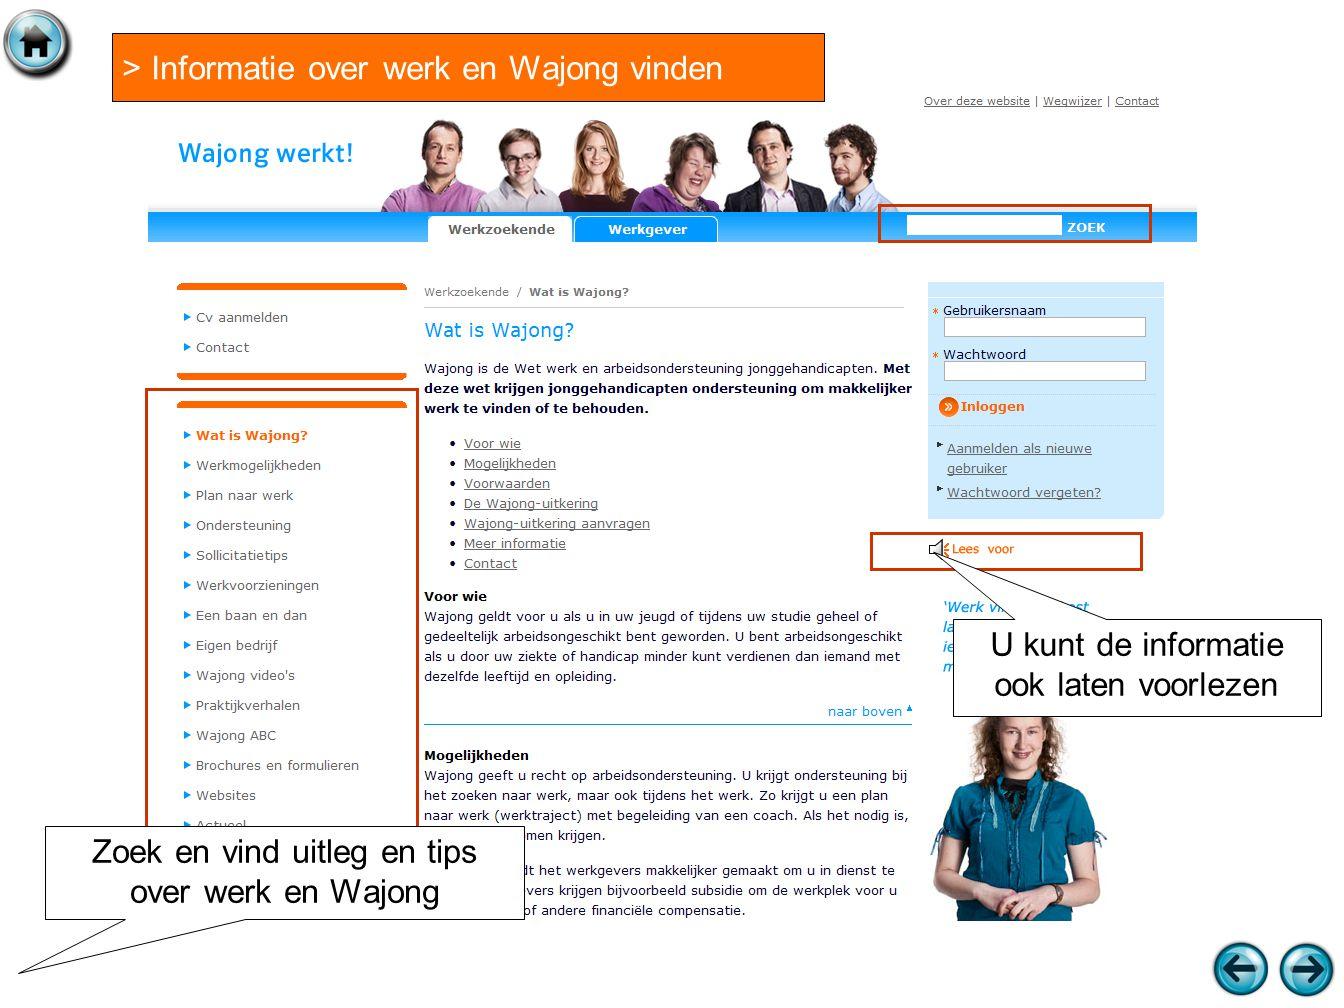 > Informatie over werk en Wajong vinden Zoek en vind uitleg en tips over werk en Wajong U kunt de informatie ook laten voorlezen